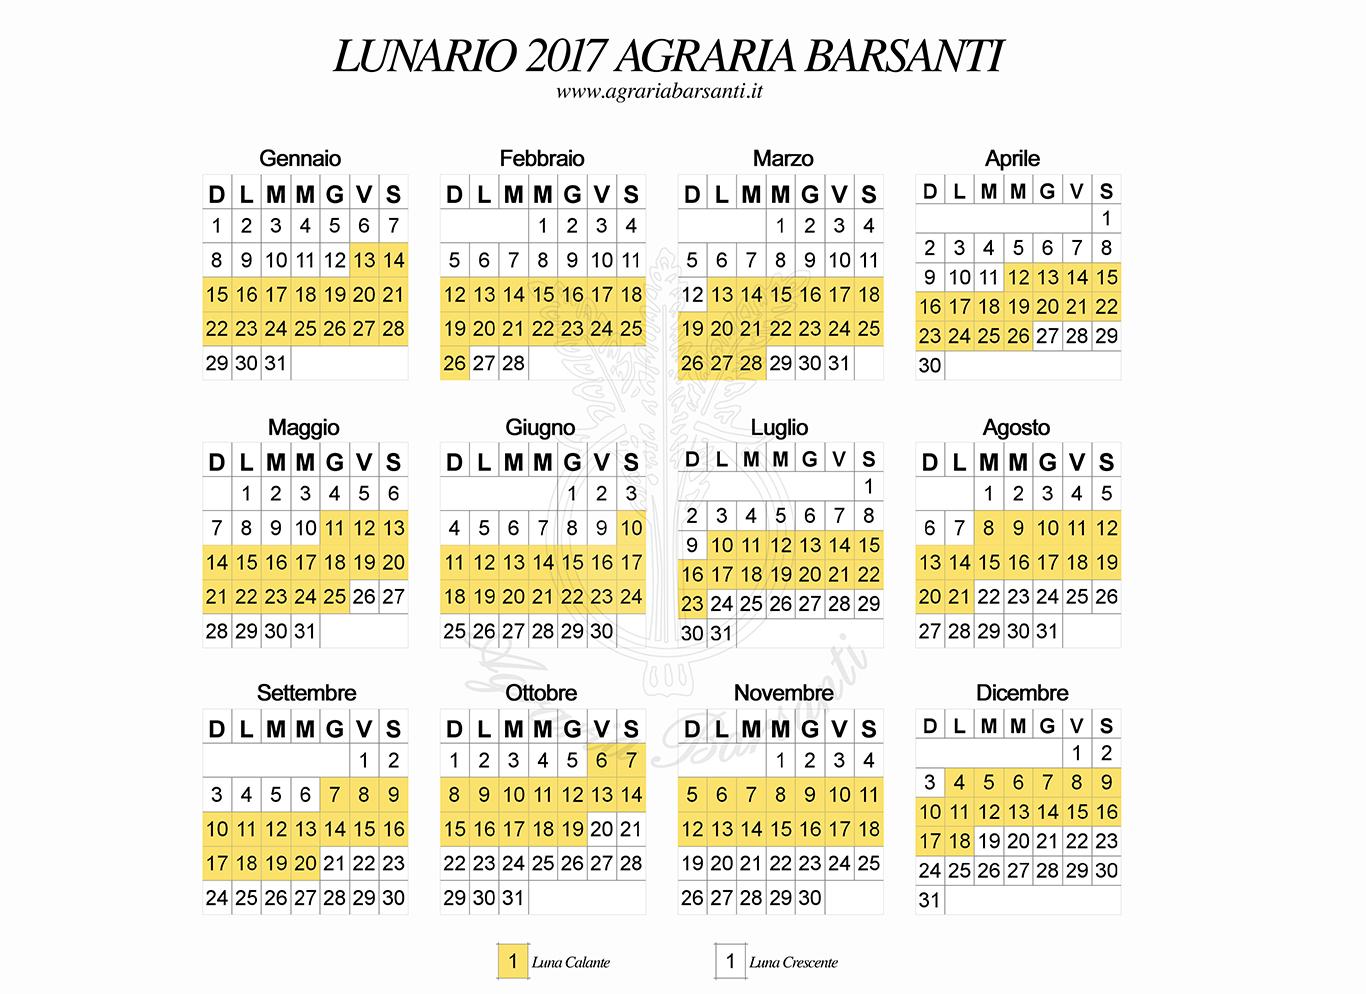 Il Calendario Della Luna.Calendario Della Luna 2017 Agraria Barsanti